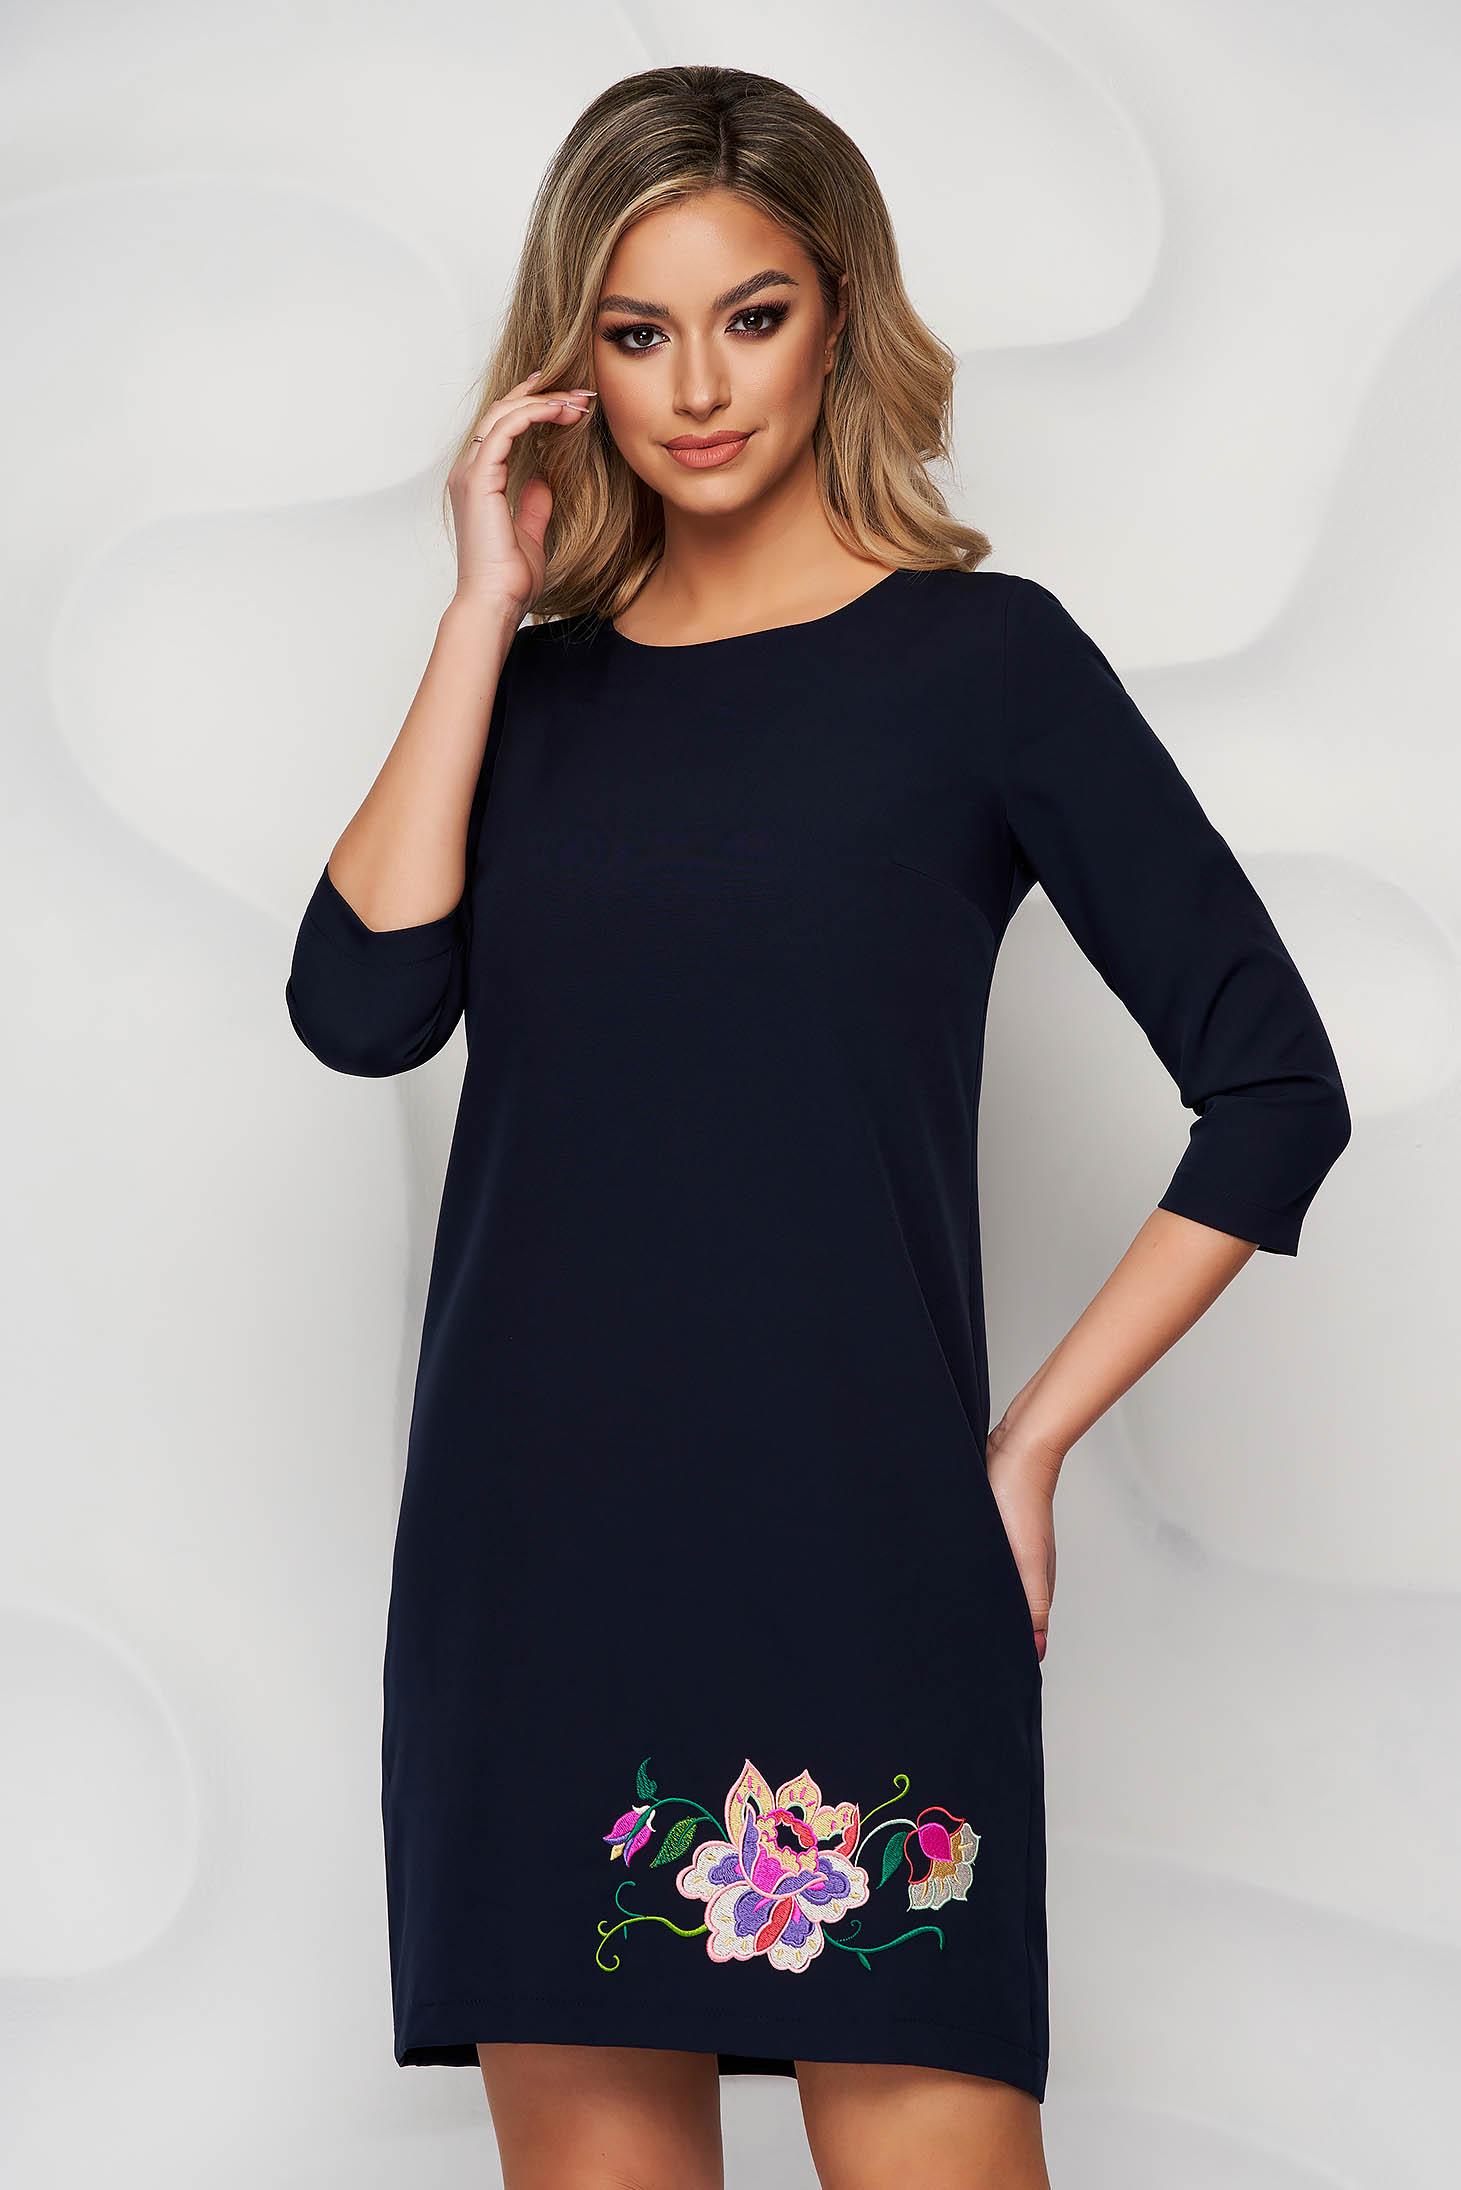 Darkblue StarShinerS dress